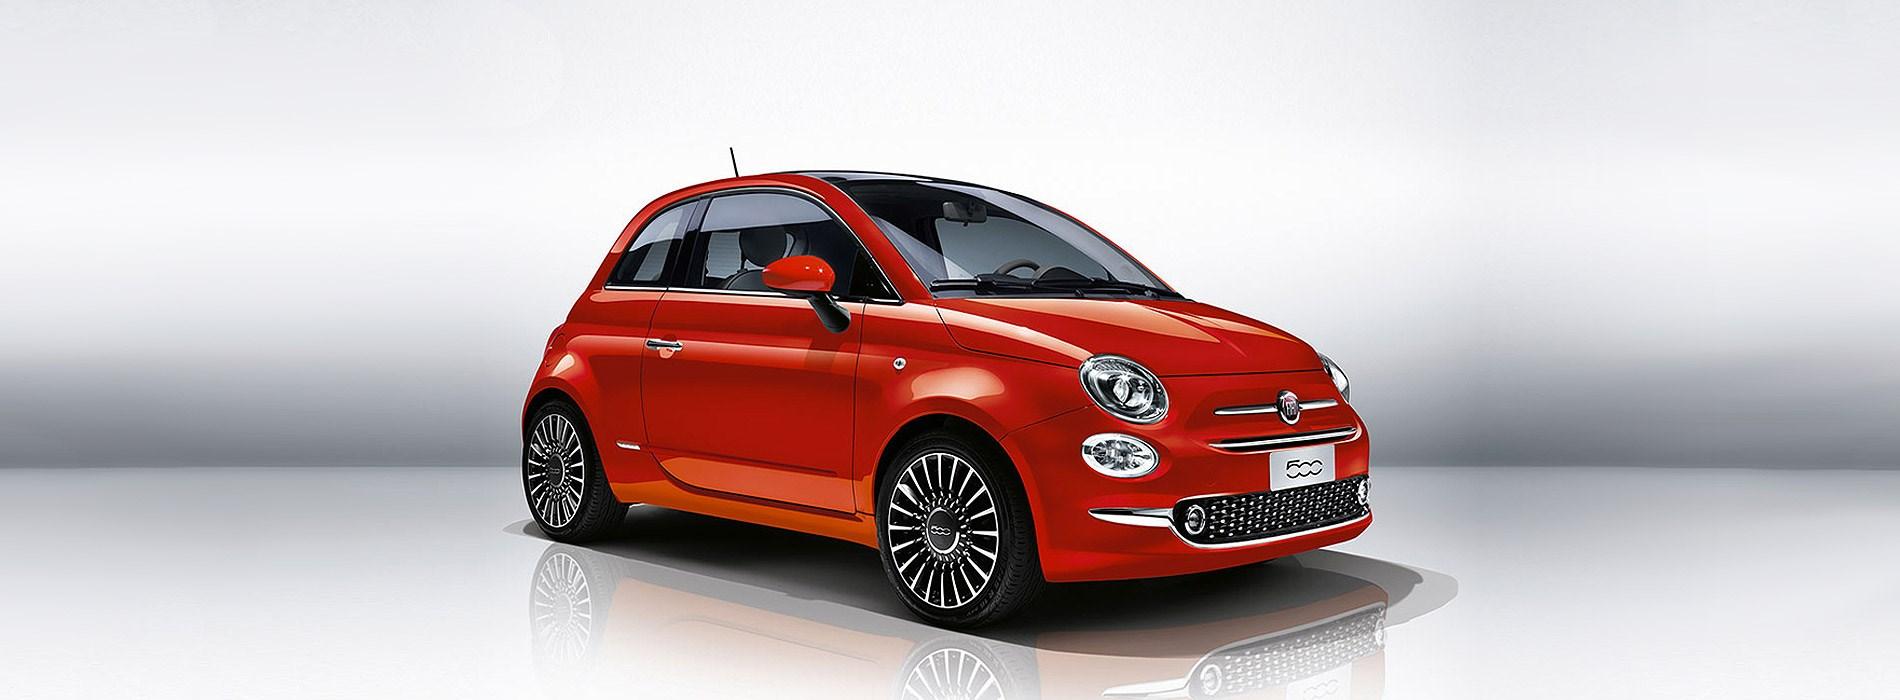 Fiat 500 Series 4